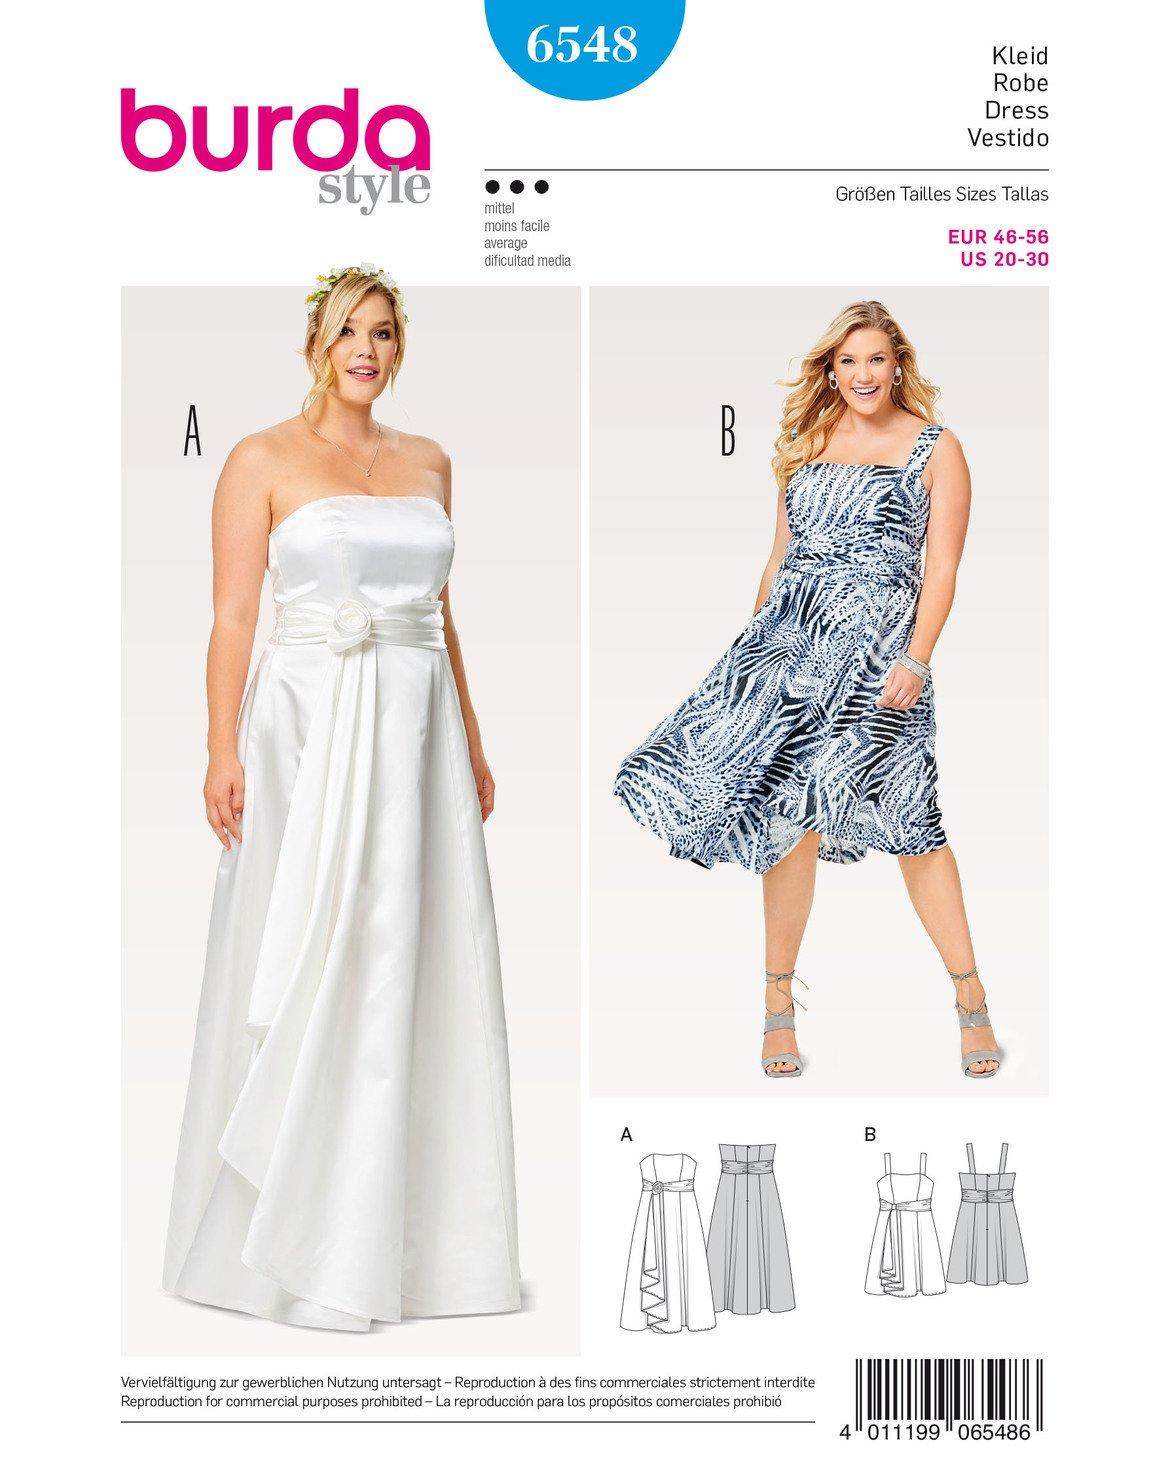 Fantastisch Brautkleid Mittel Fotos - Brautkleider Ideen ...